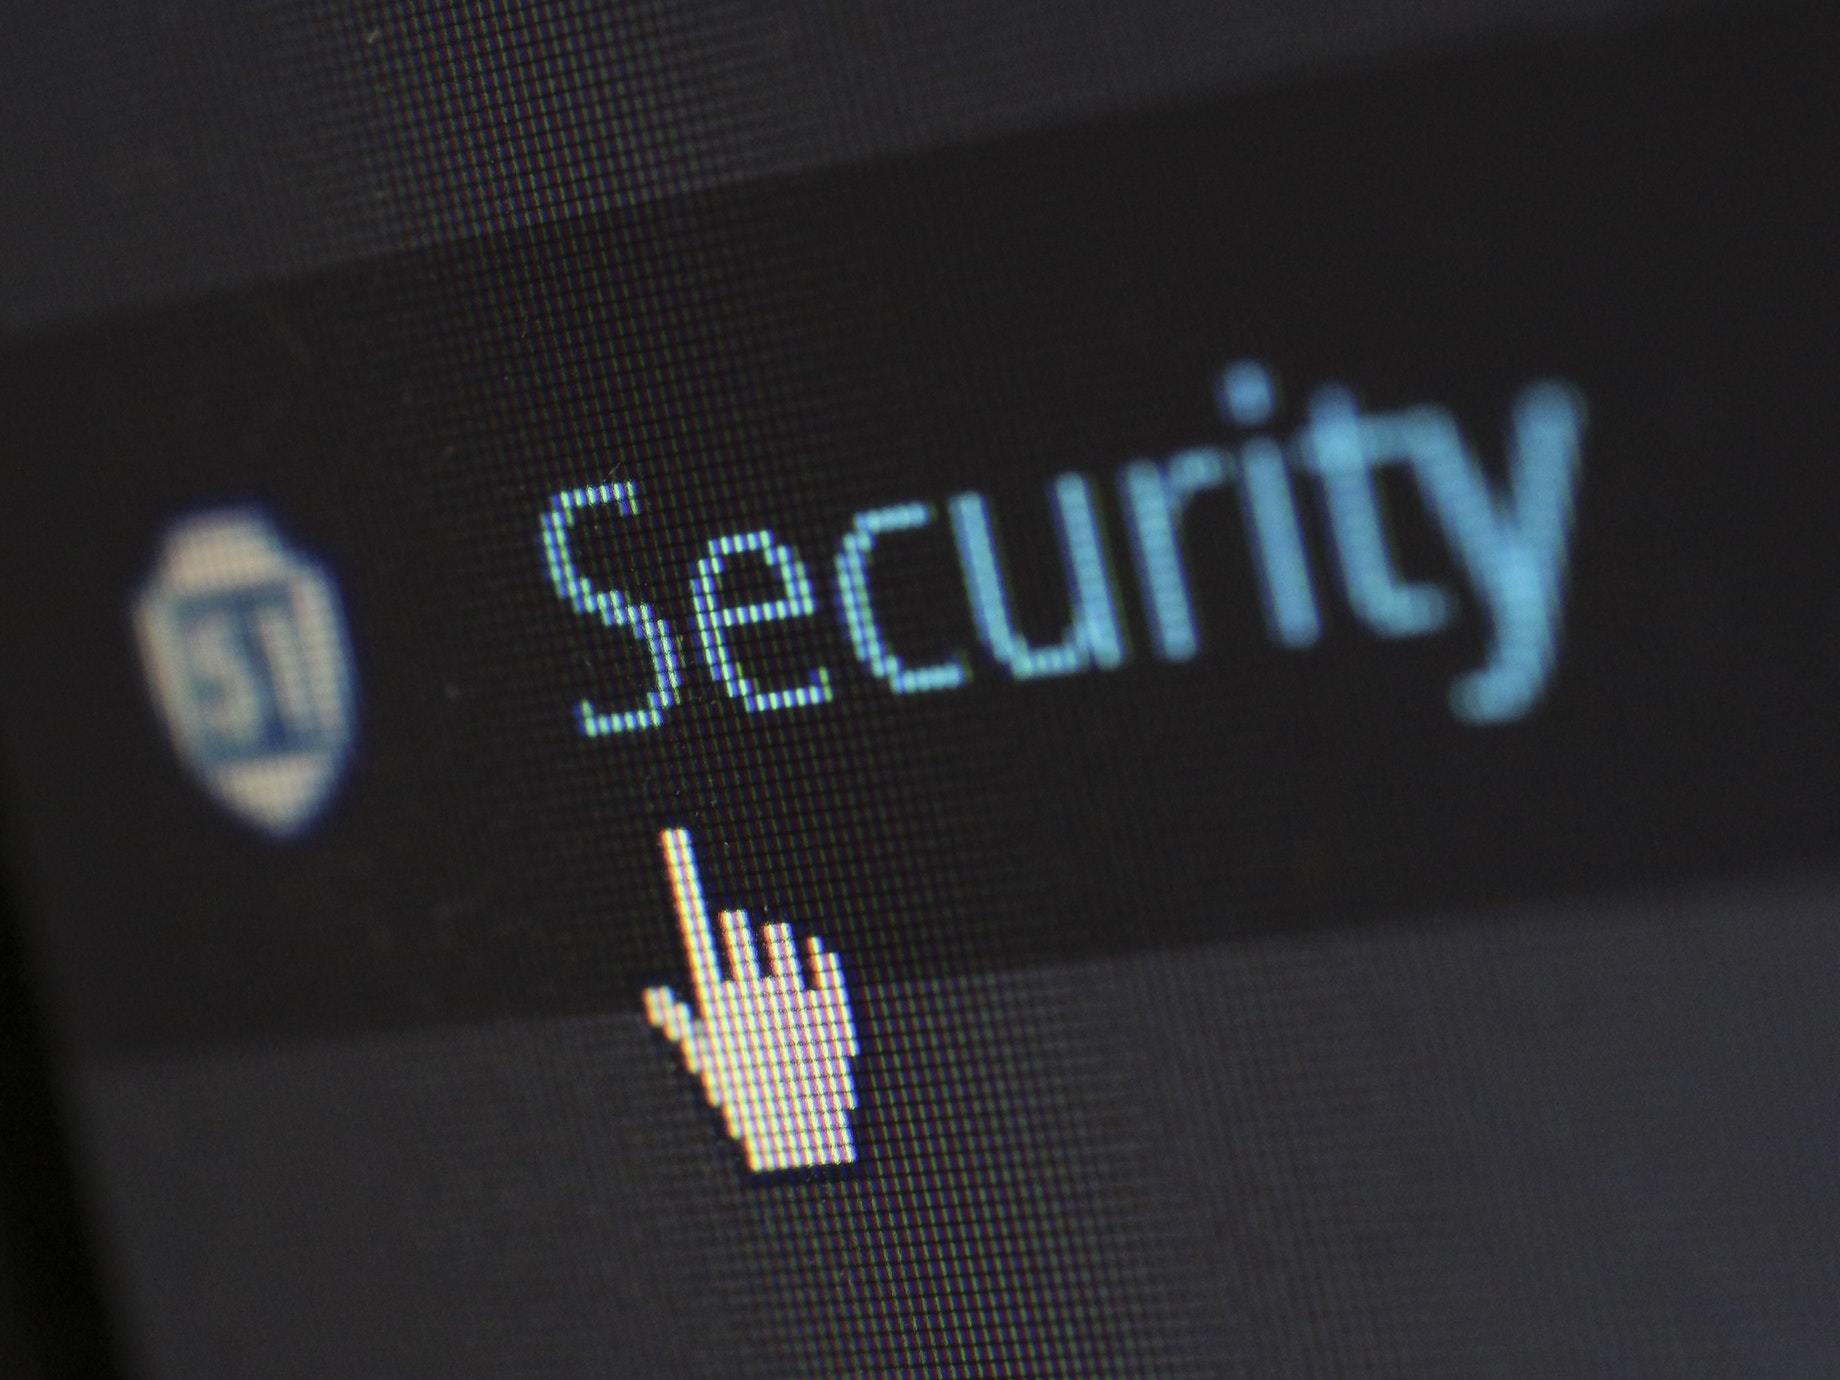 網路安全重大變革!誰能成為下一個網路巨擘